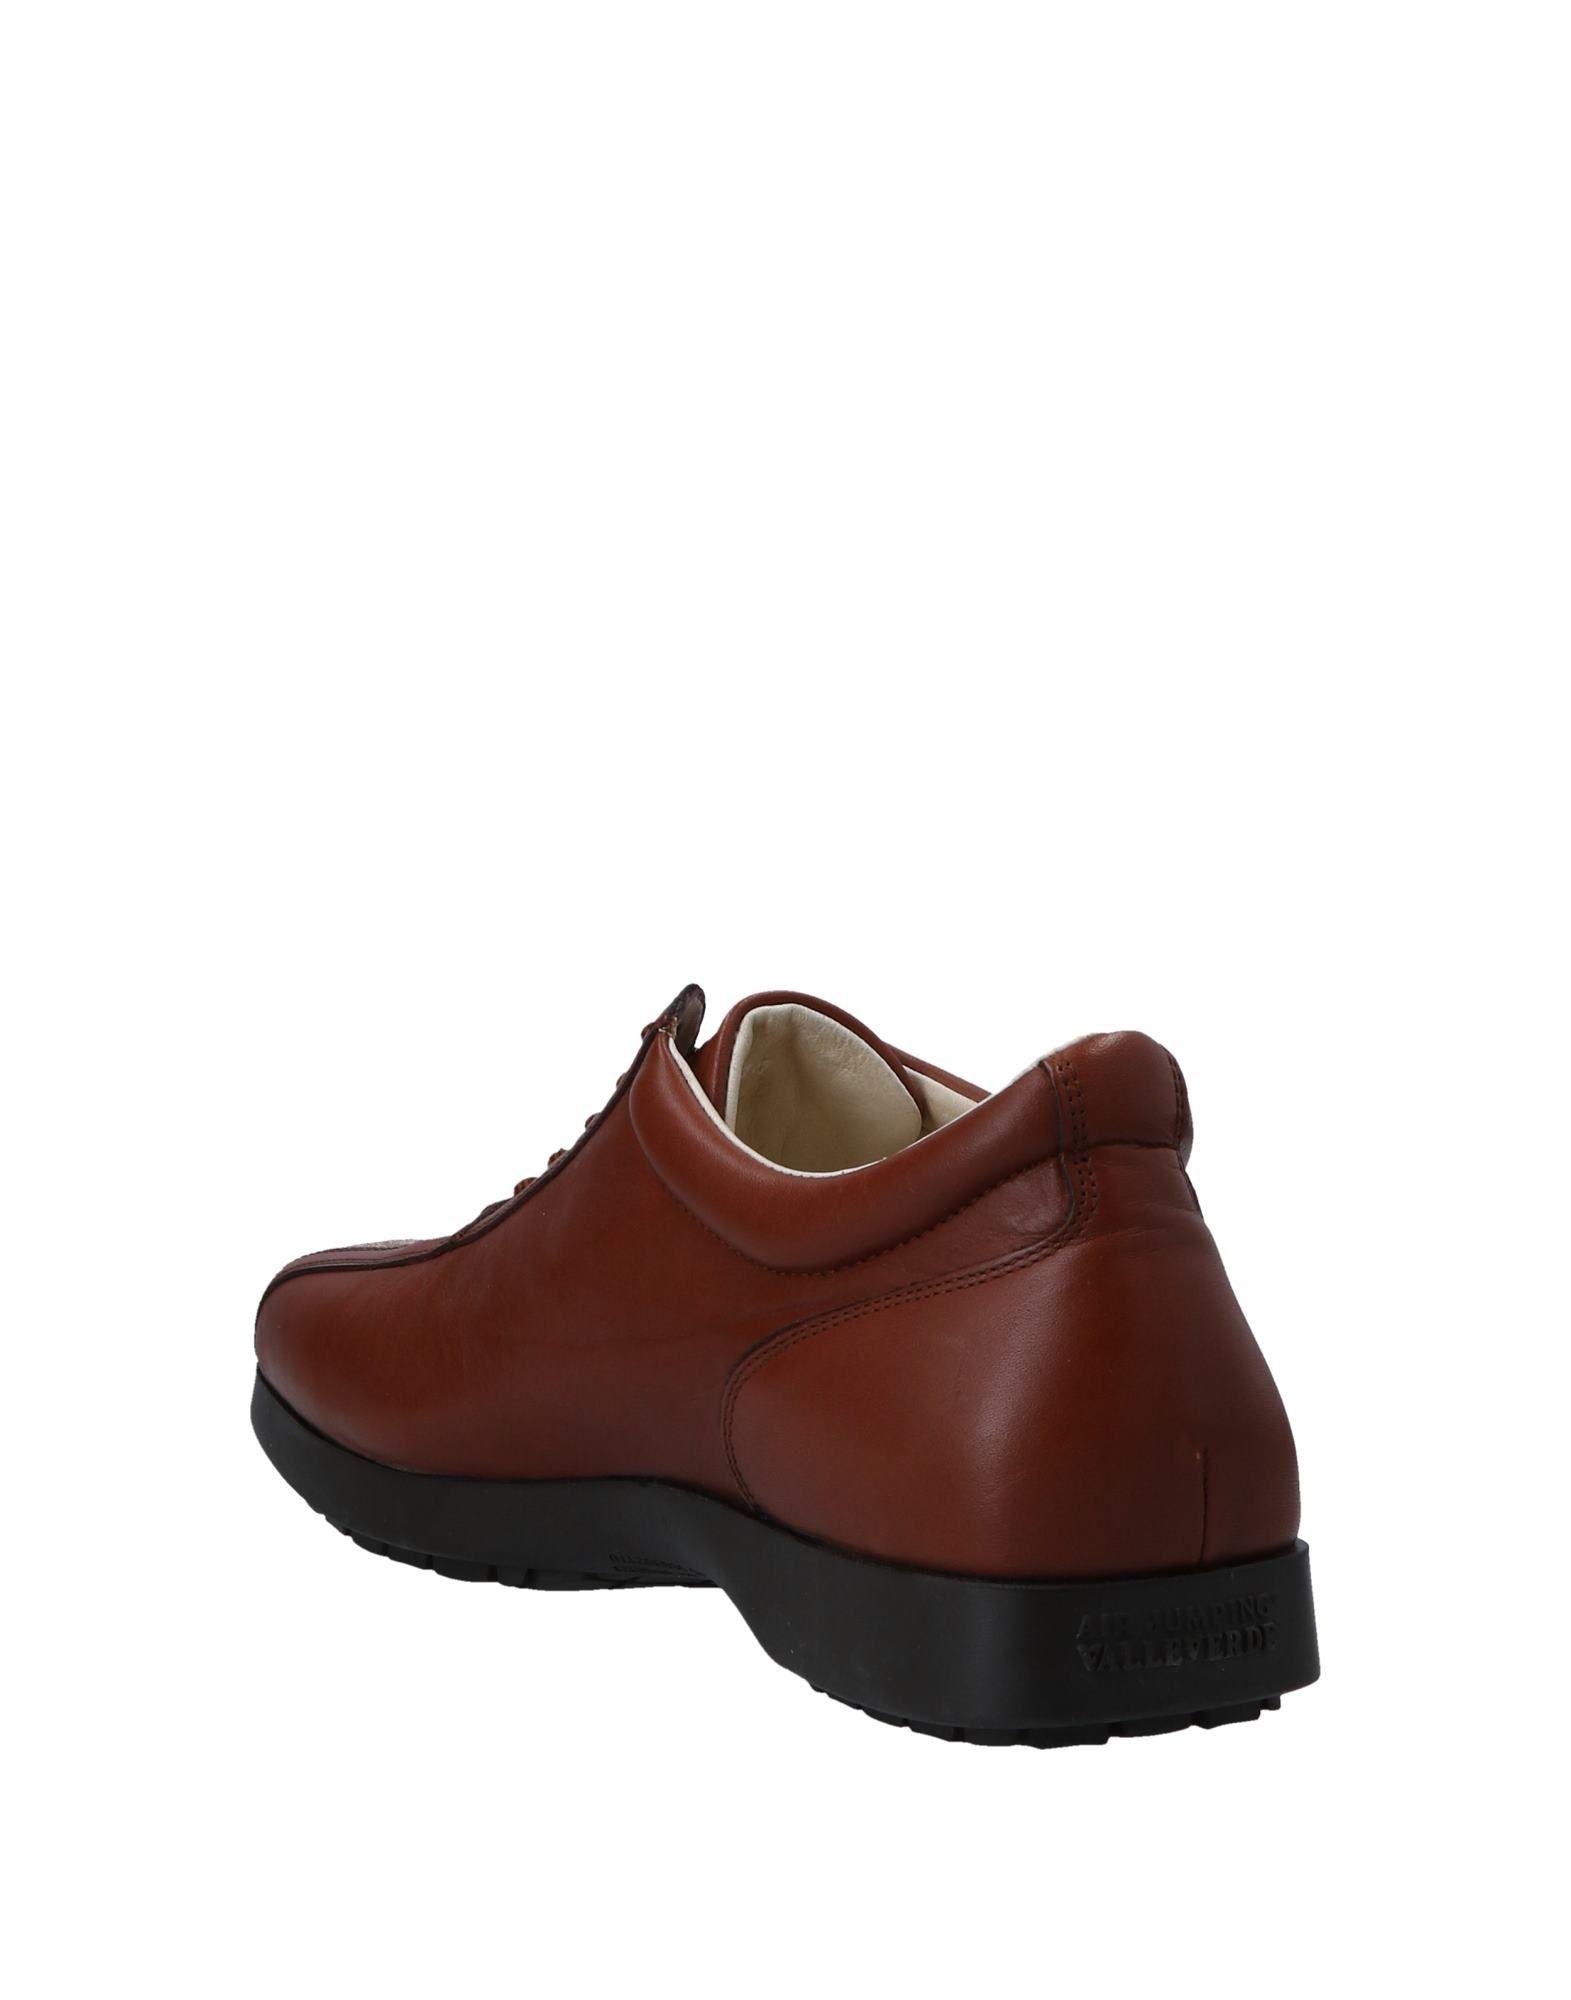 Rabatt echte Schuhe Valleverde Sneakers Herren 11547927GG  11547927GG Herren 3856f3